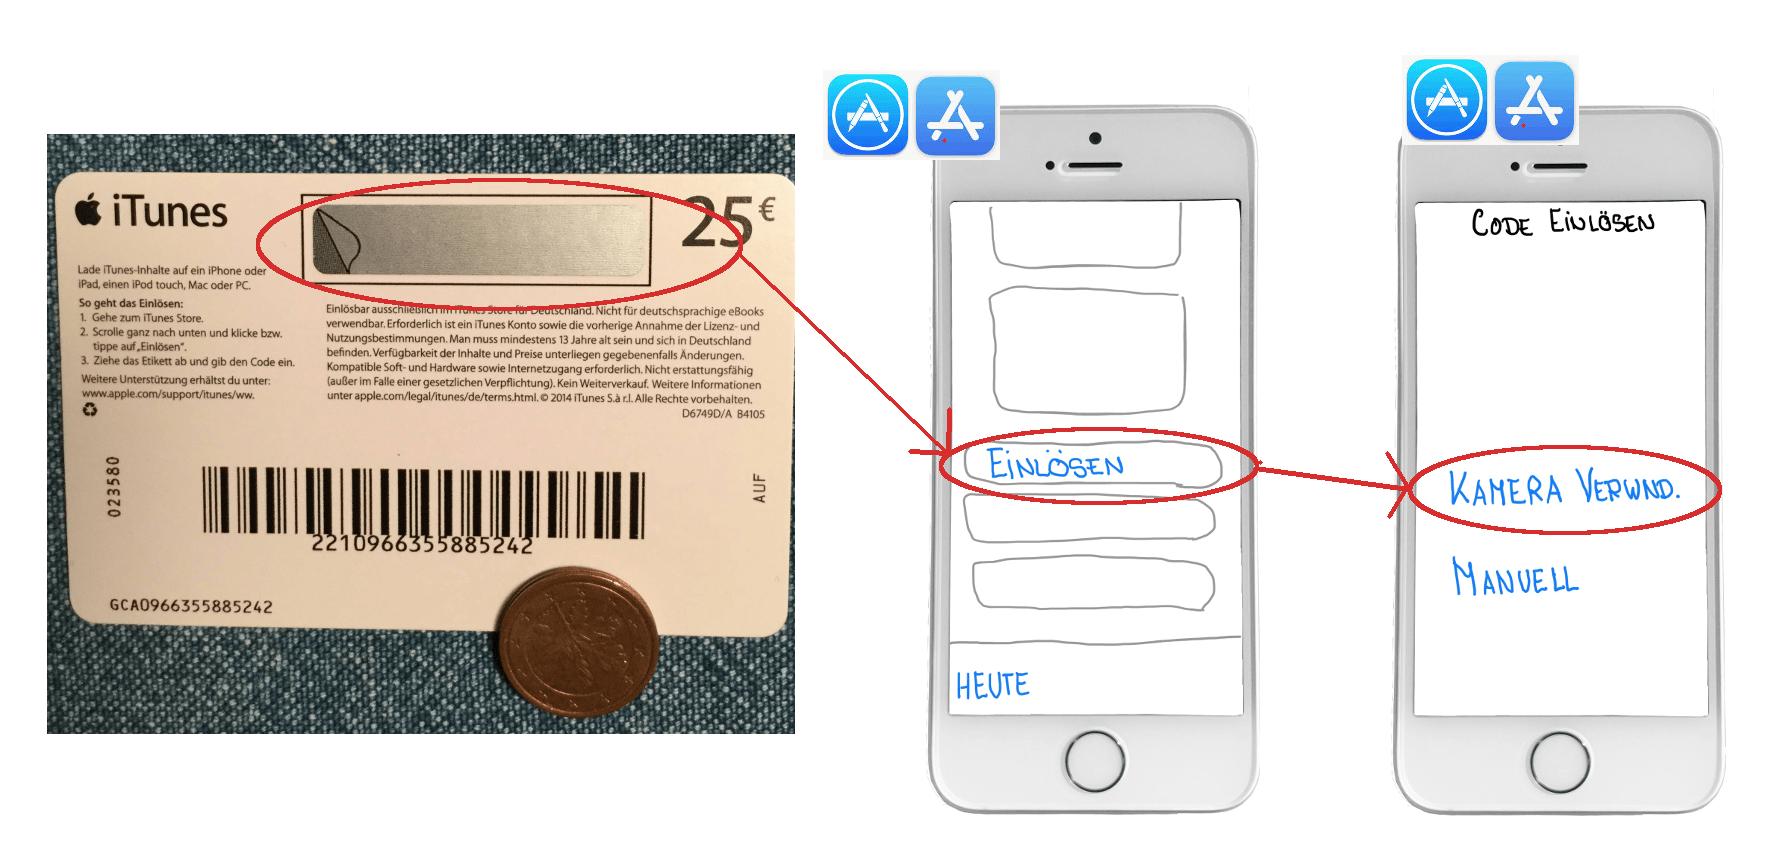 Apple Guthaben einlösen